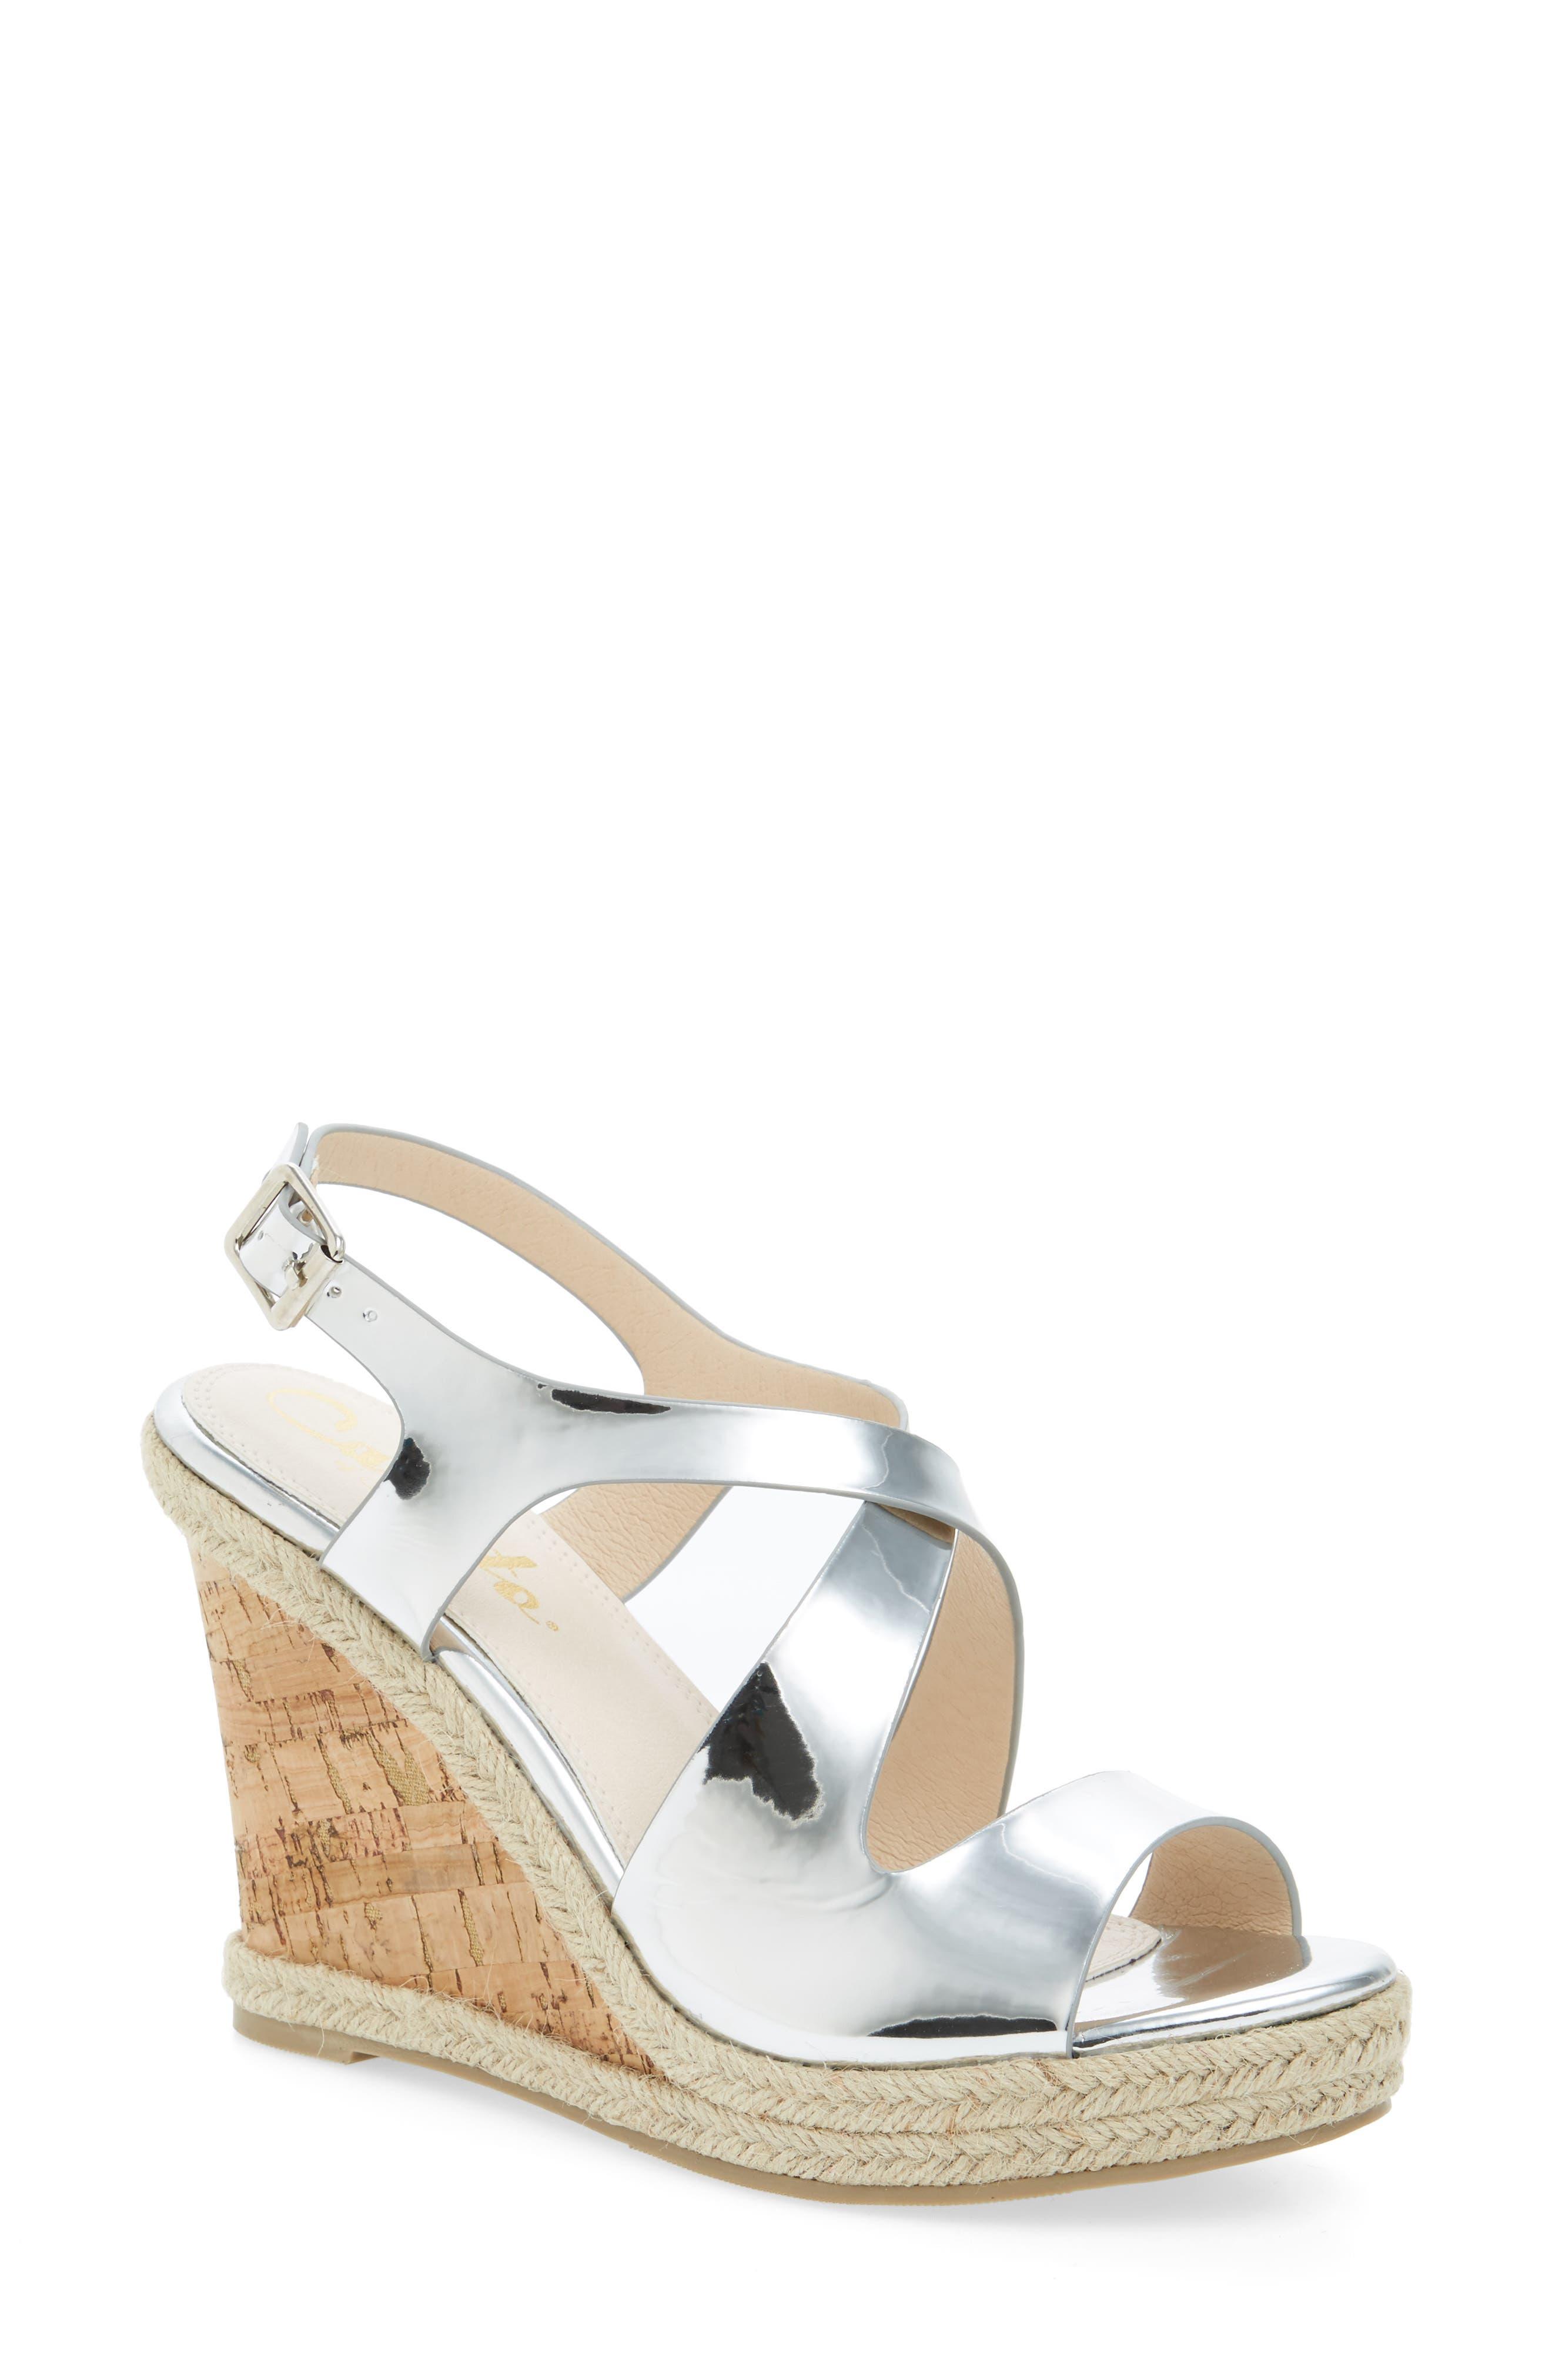 Brielle Wedge Sandal,                         Main,                         color, Silver Faux Patent